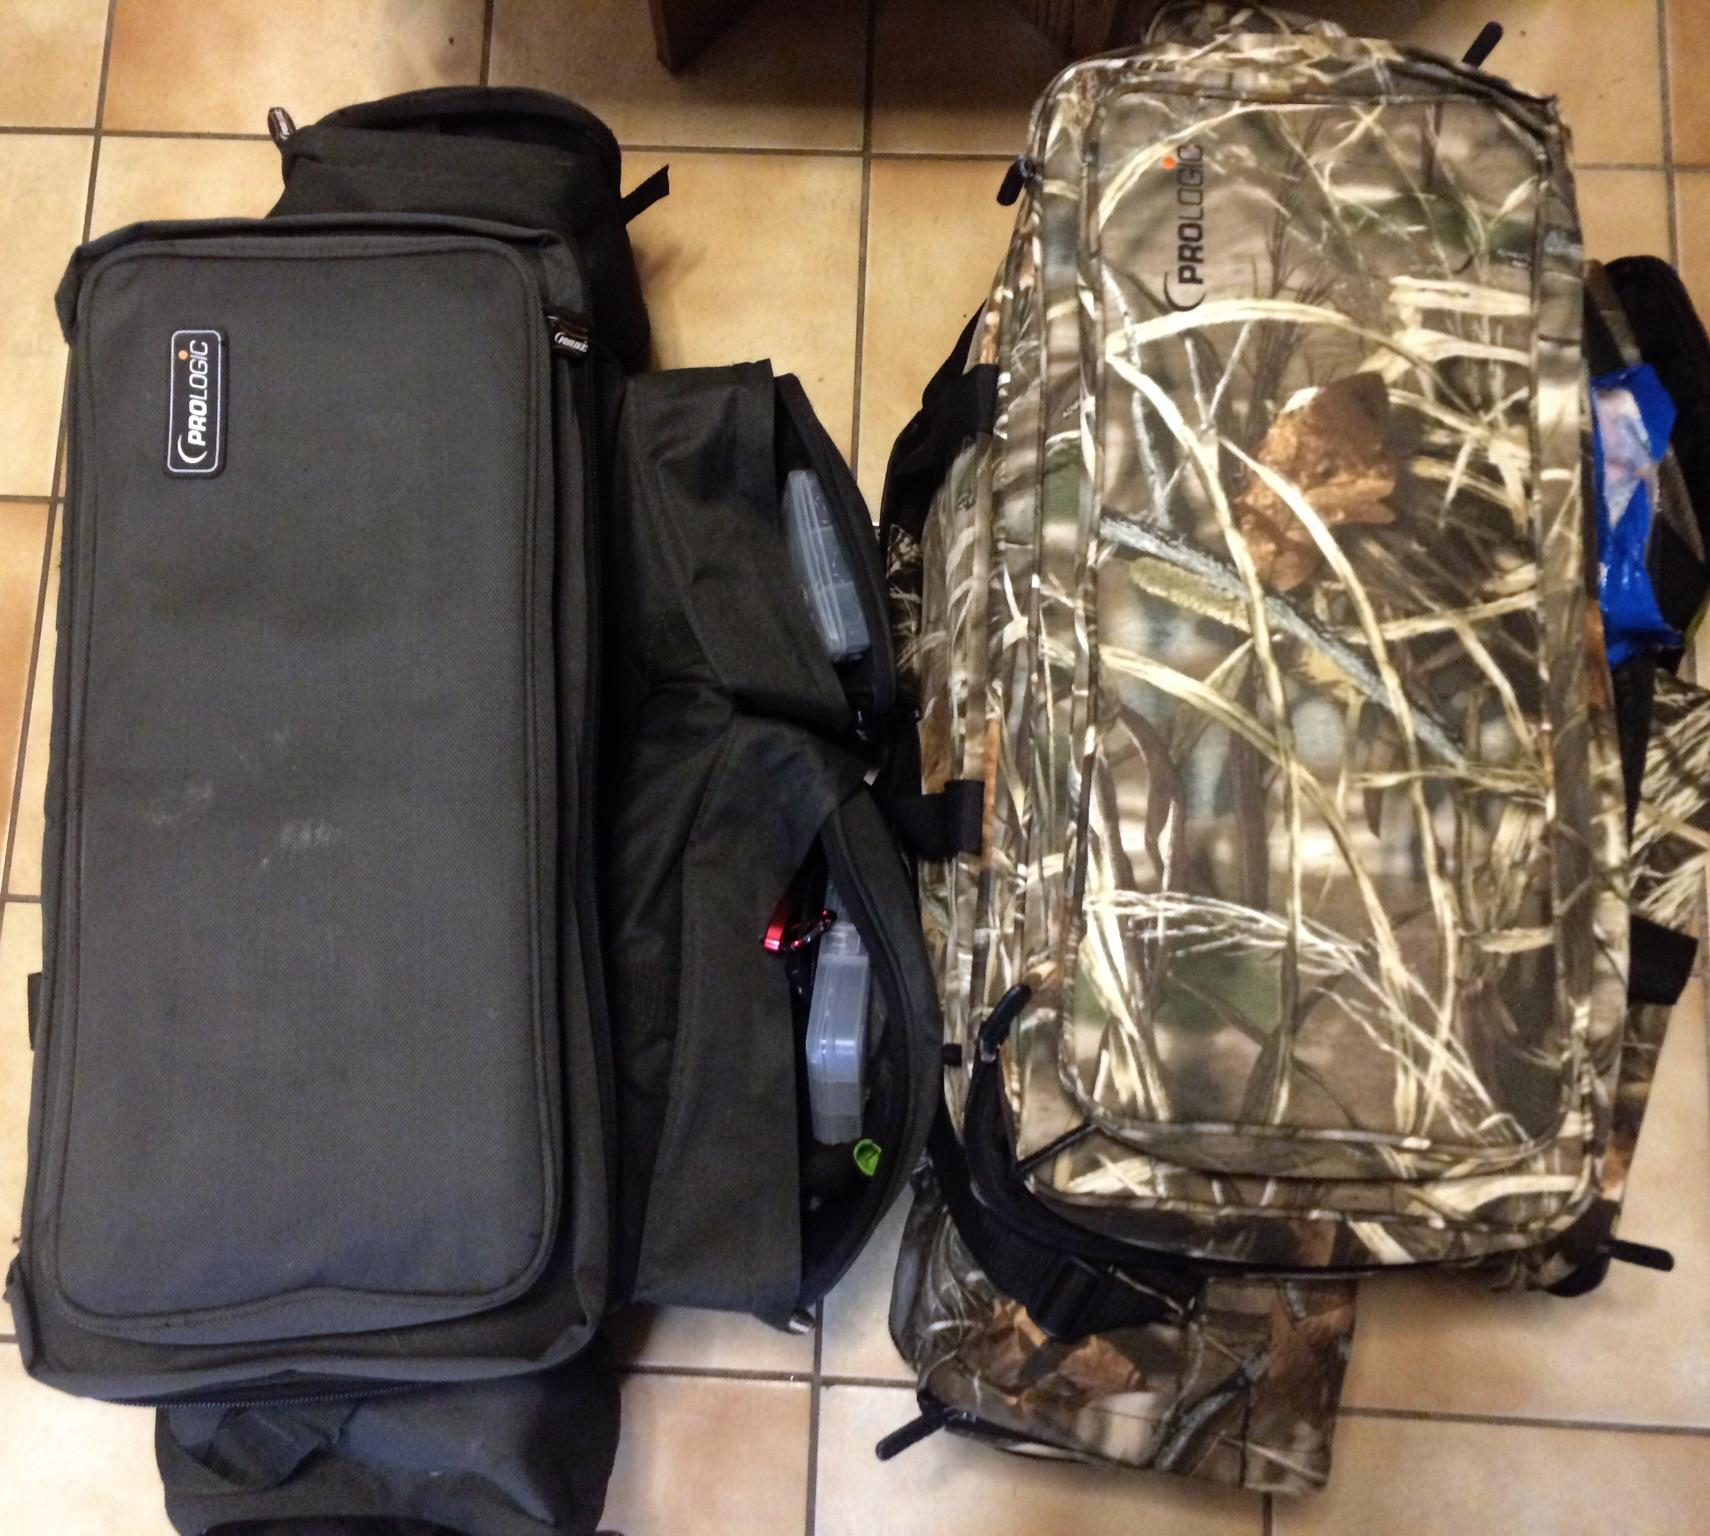 Jag lyckades hitta soulmates på resan. Jag delade lägenhet med två till som hade fulla monsterbag XL som jag :-)